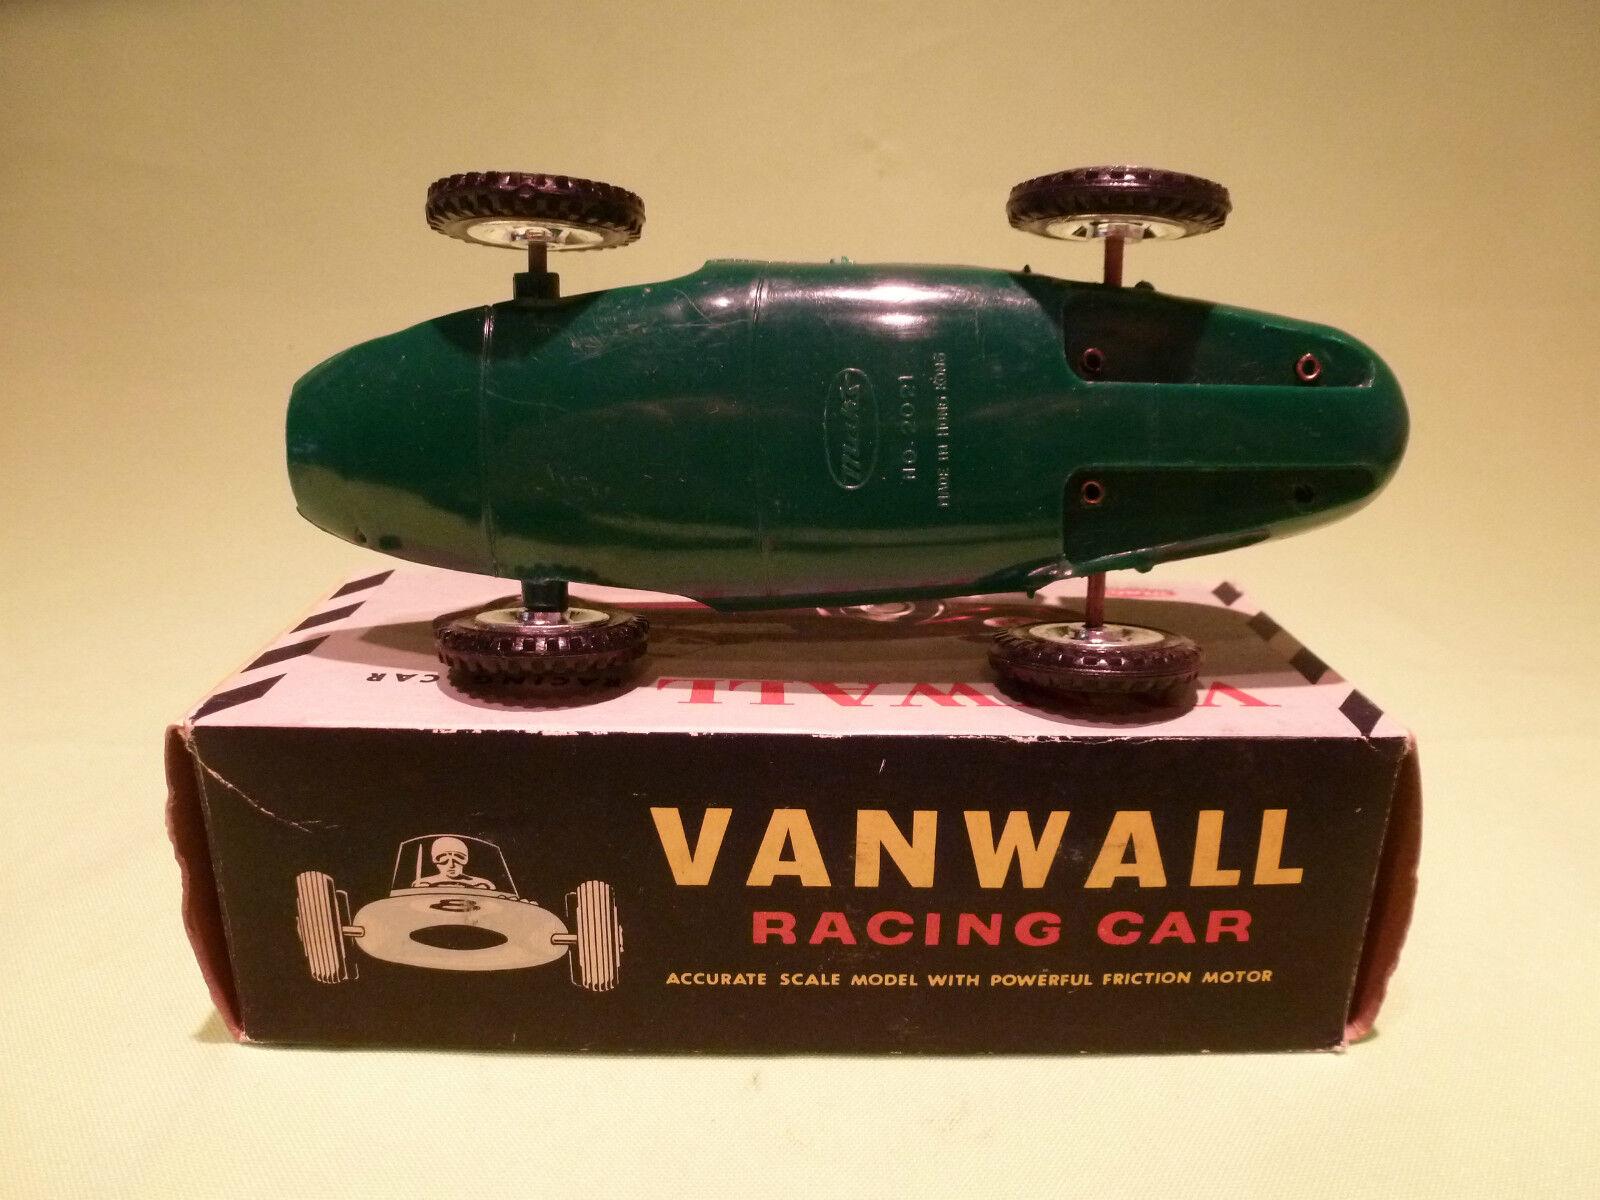 MAK'S 2021 MADE IN HONKONG VANWALL - RACING CAR - - - RARE SELTEN VERY GOOD IN BOX 9c9c77